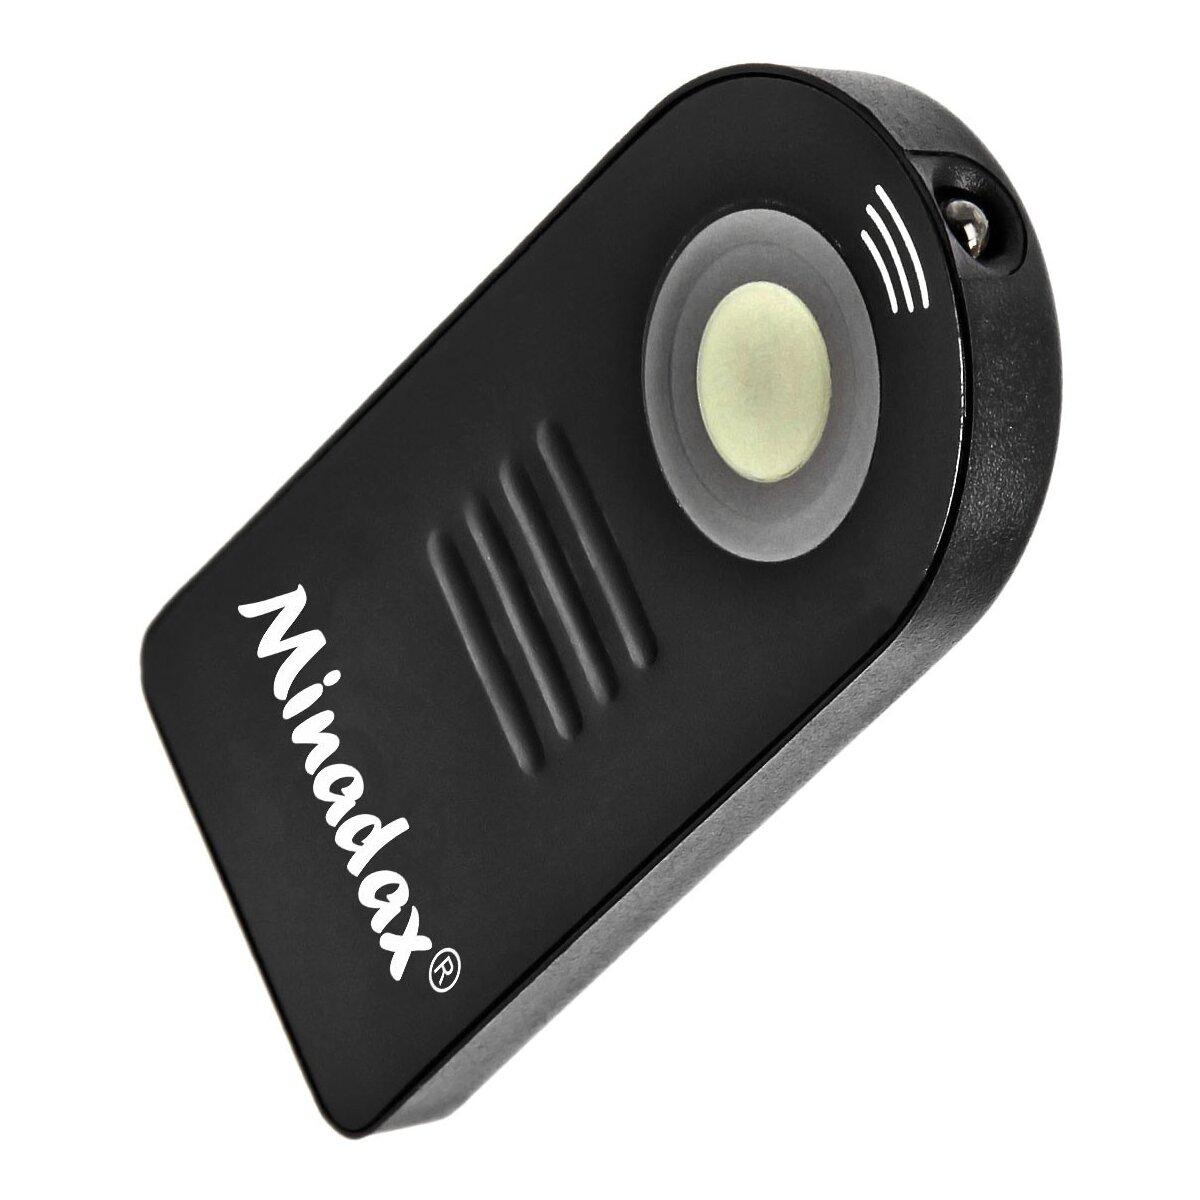 Infrarot Fernausloeser fuer Nikon wie ML-L3